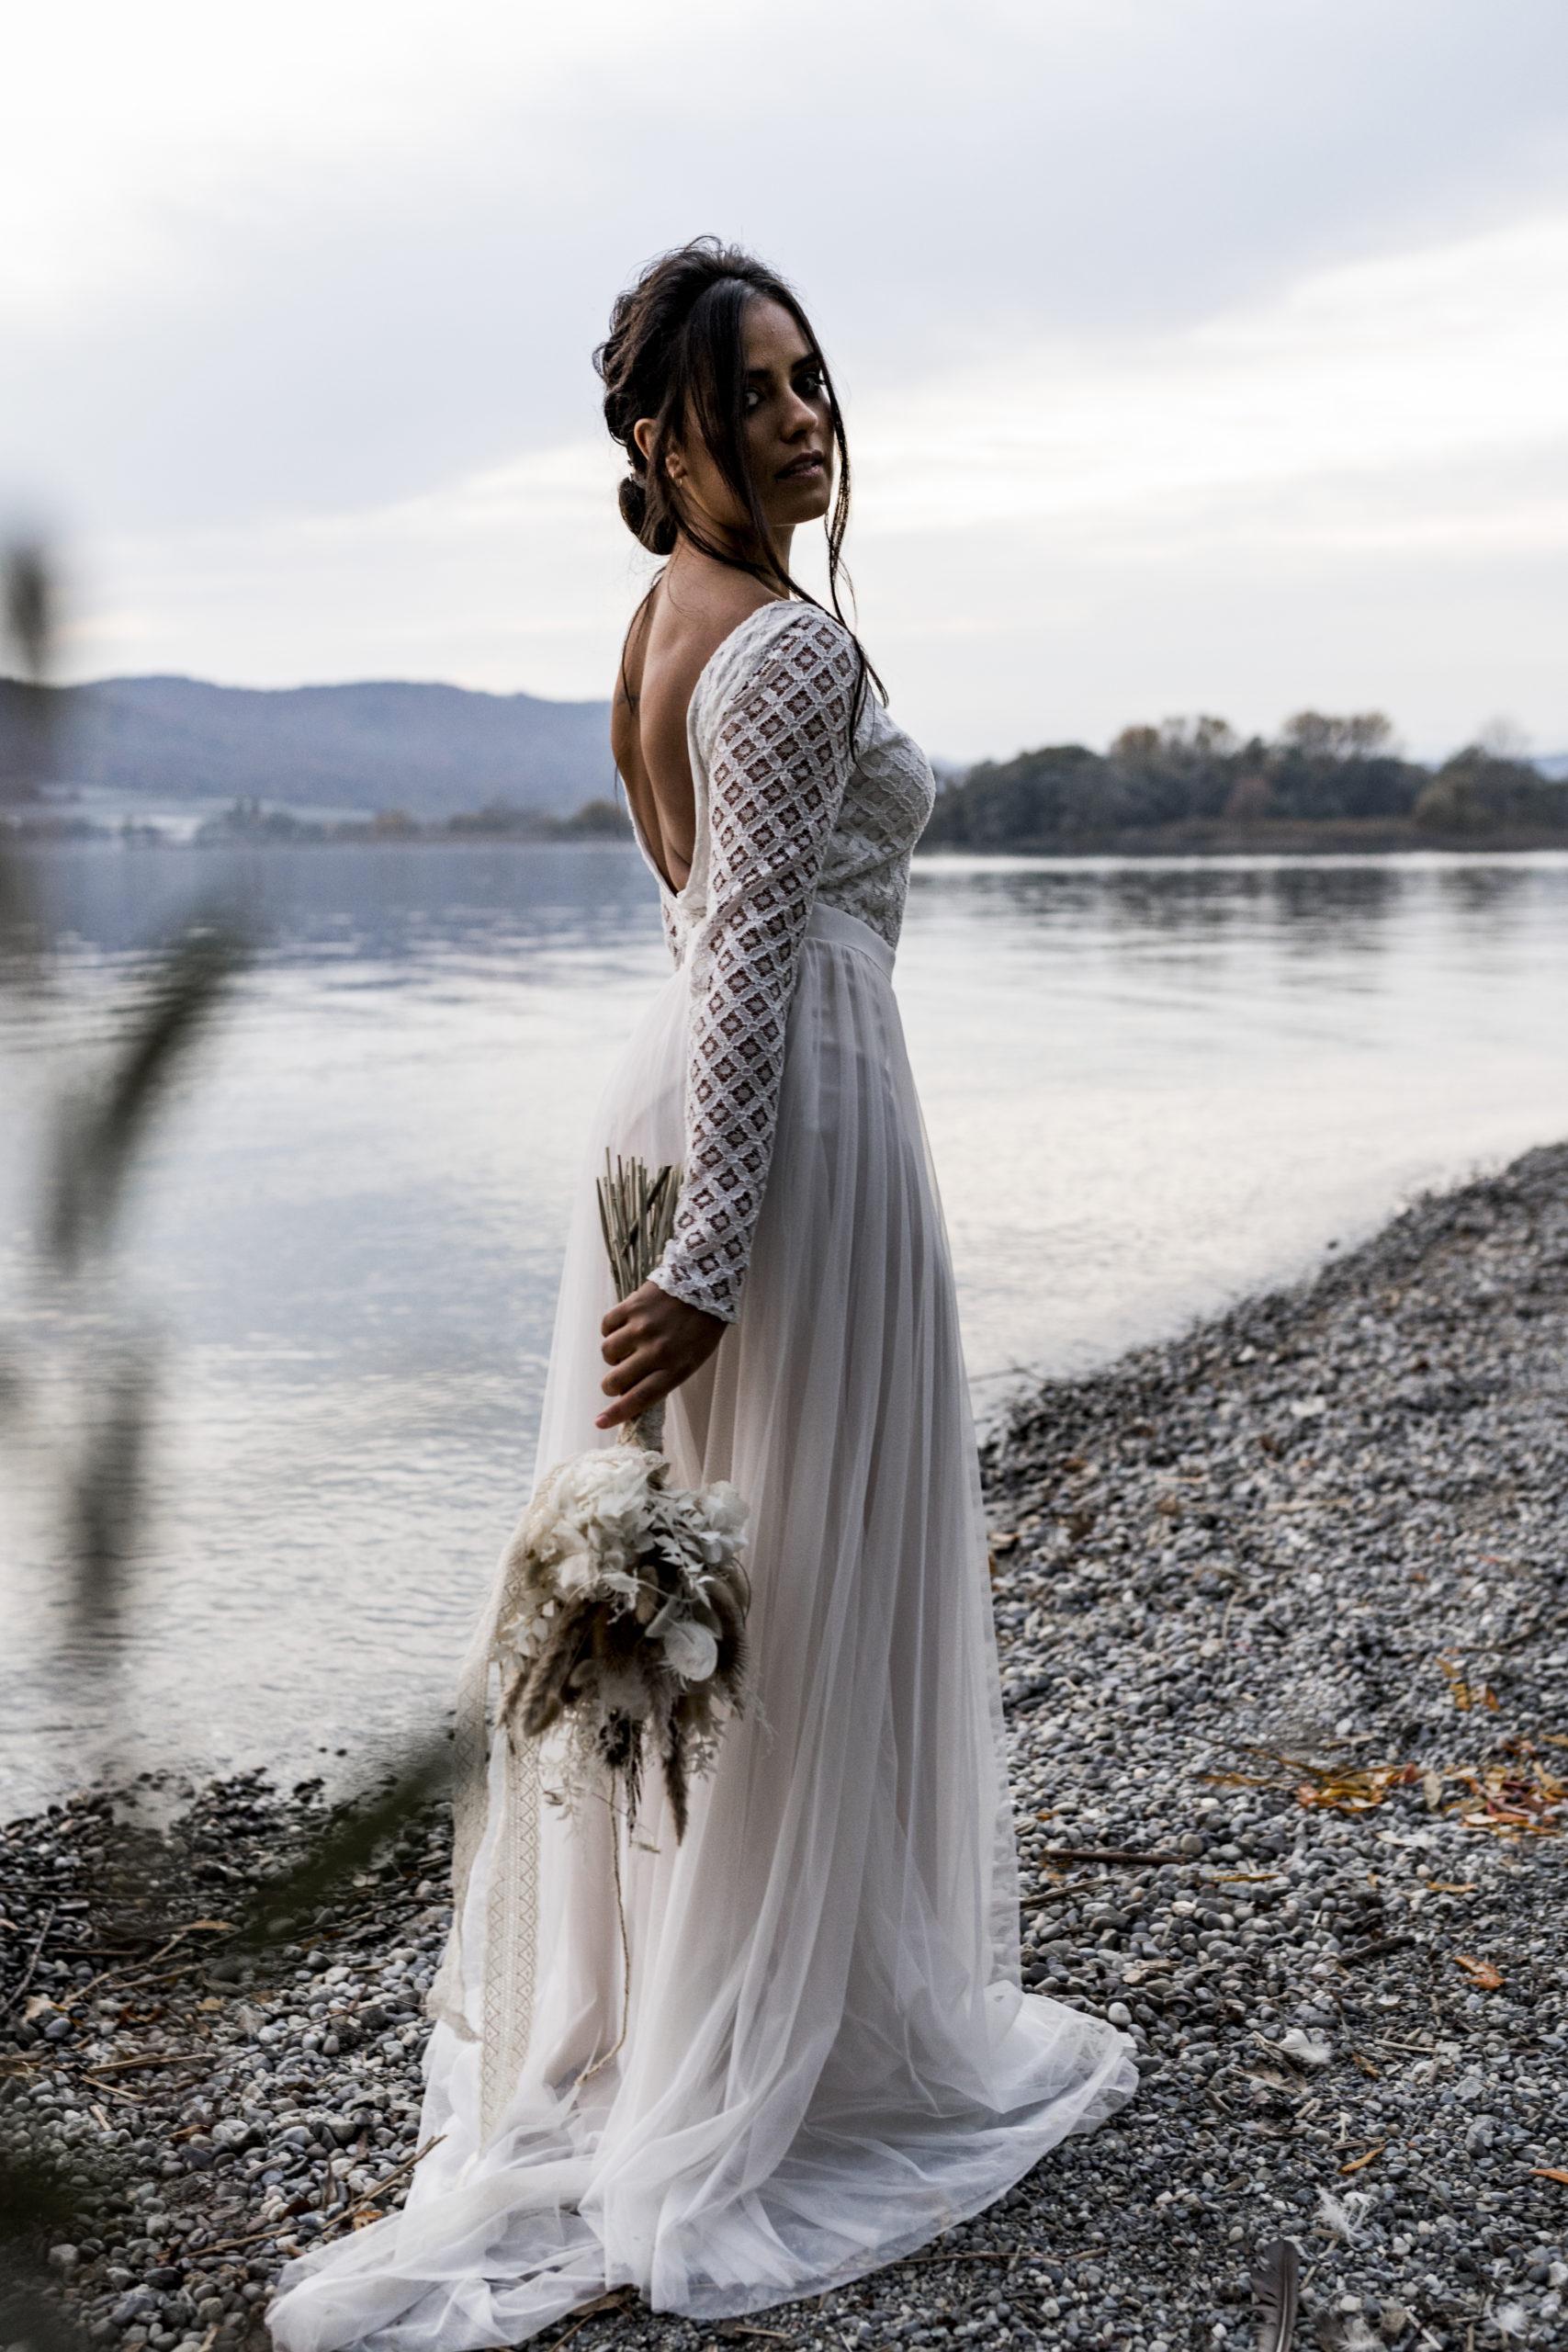 noni Brautmode, Styled Shoot am Bodensee, Model mit zweiteiligem Hochzeitskleid mit tiefem Rückenausschnitt und langem Tüllrock in Ivory mit Blush, Brautstrauss haltend und lachend